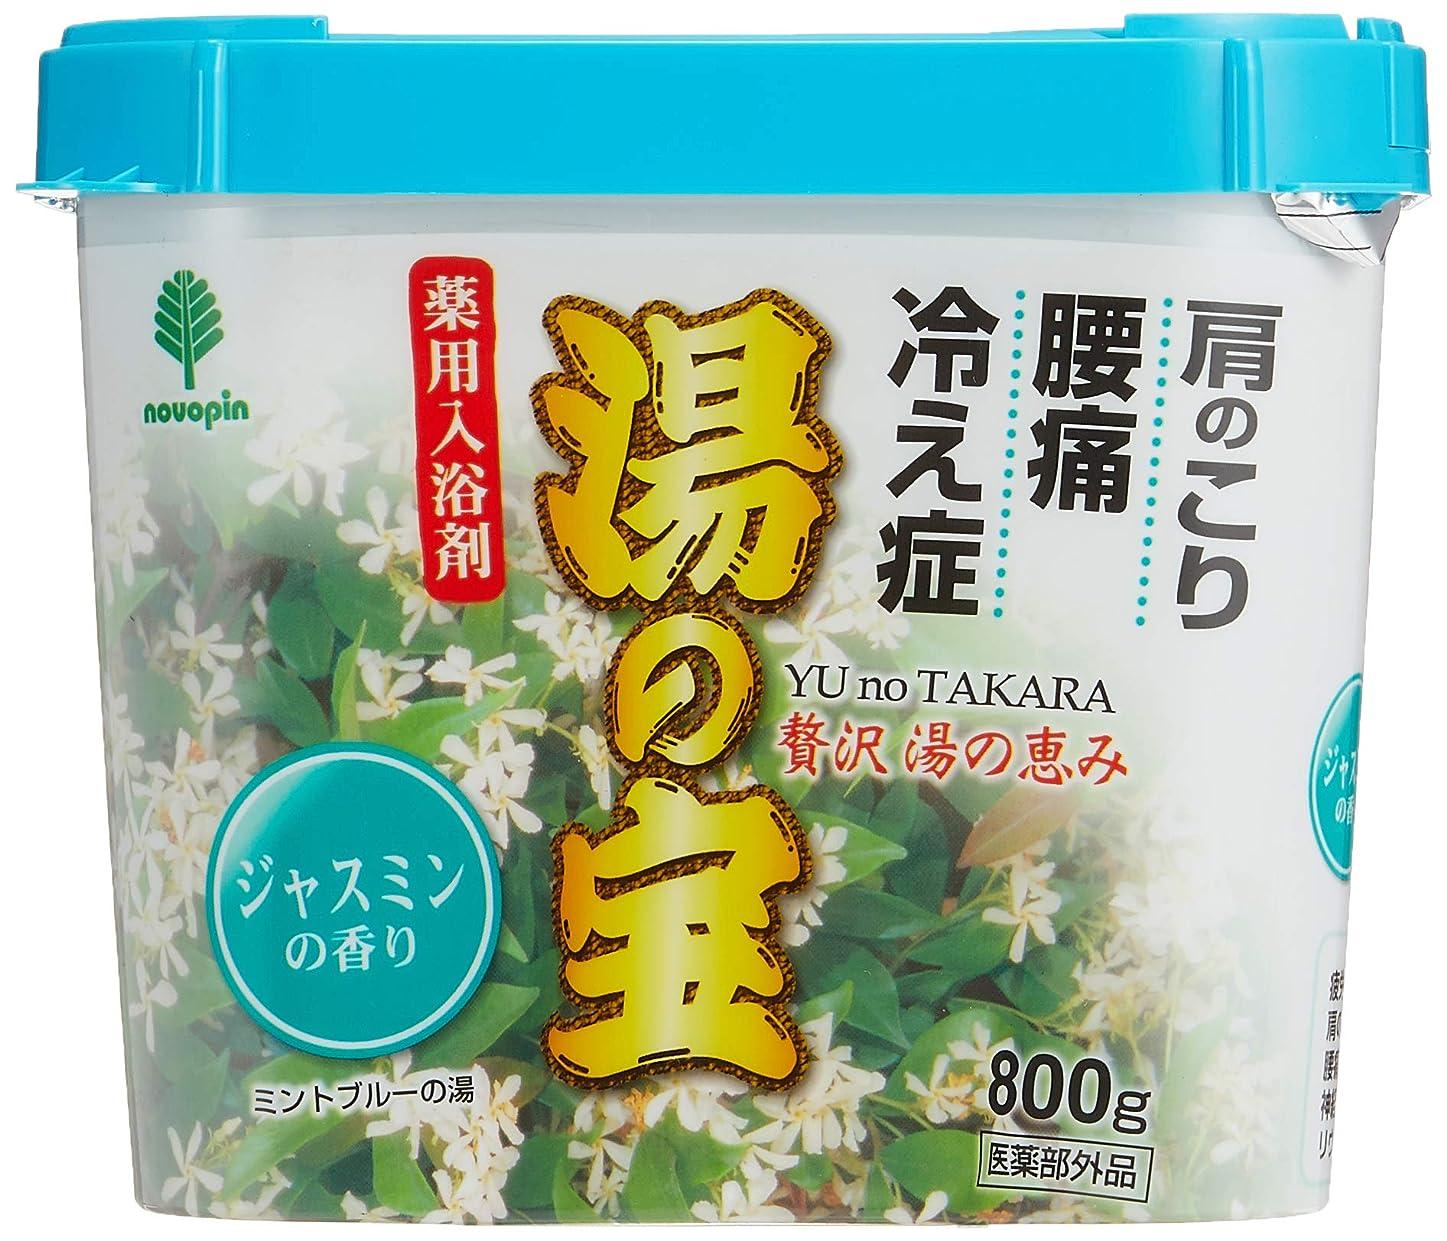 見る人株式会社統計的紀陽除虫菊 入浴剤 湯の宝 ジャスミンの香り 800g